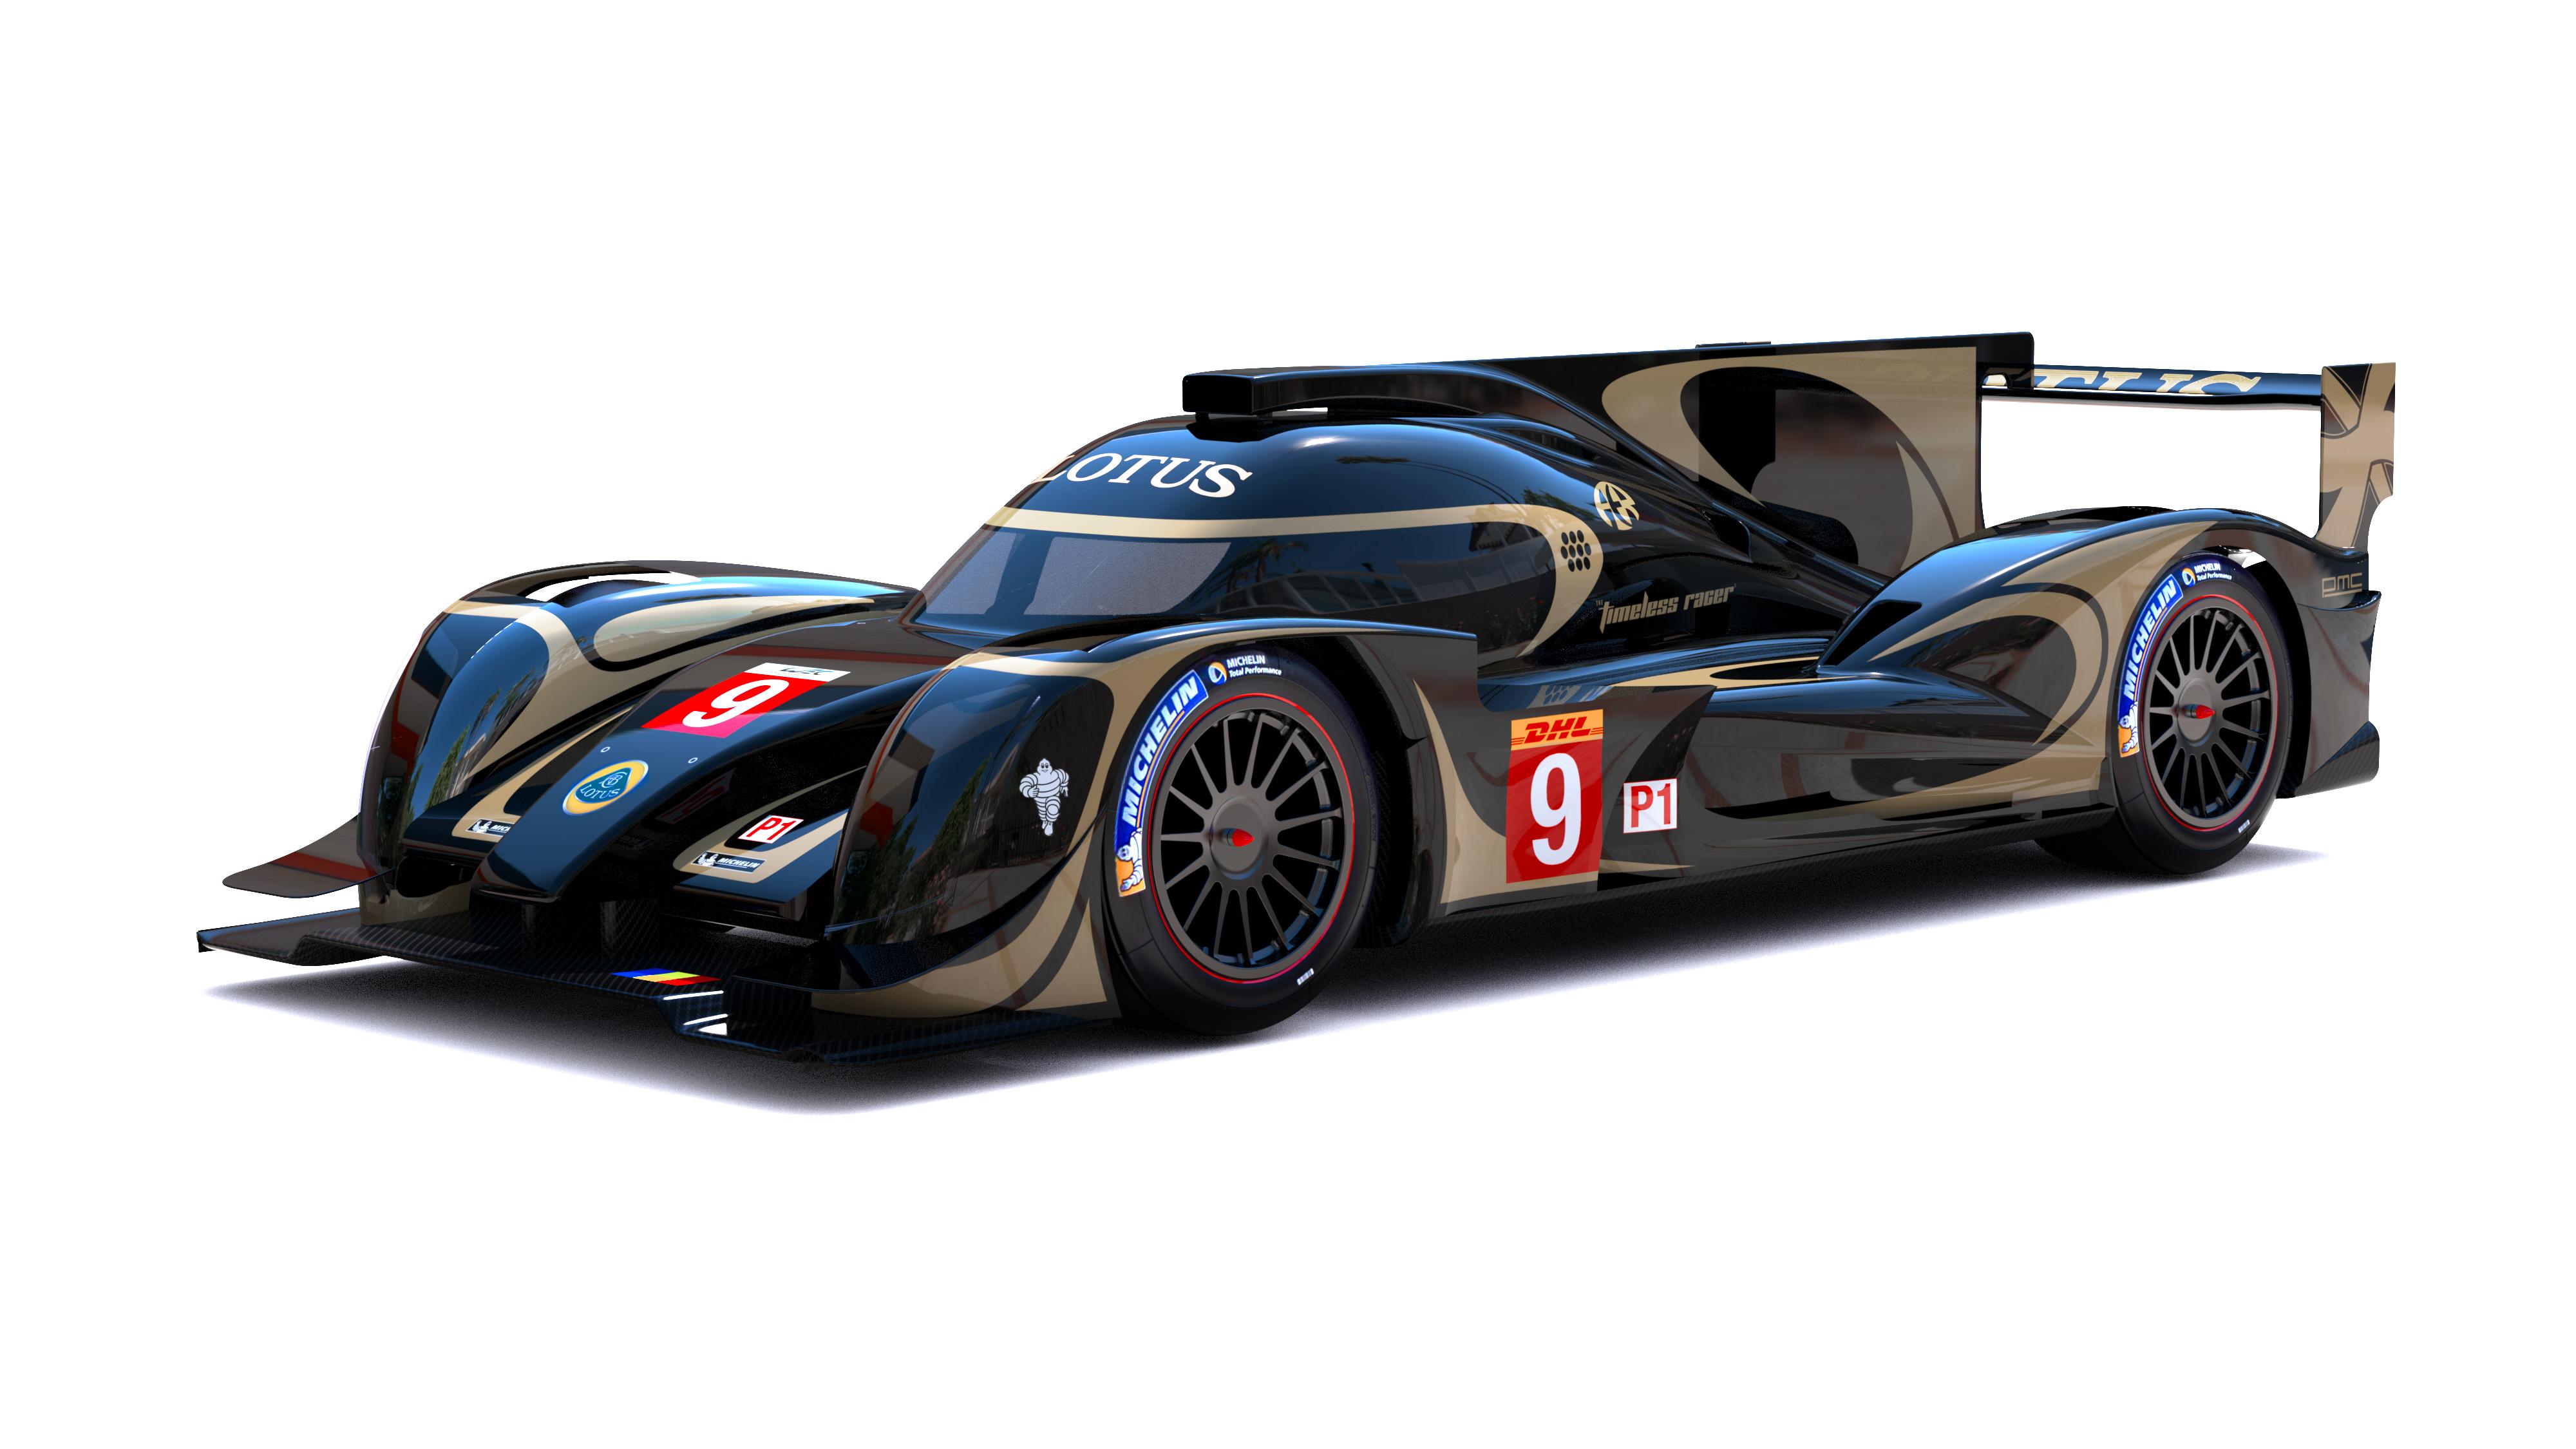 new car render of the 2014 lotus lmp1 wec. Black Bedroom Furniture Sets. Home Design Ideas